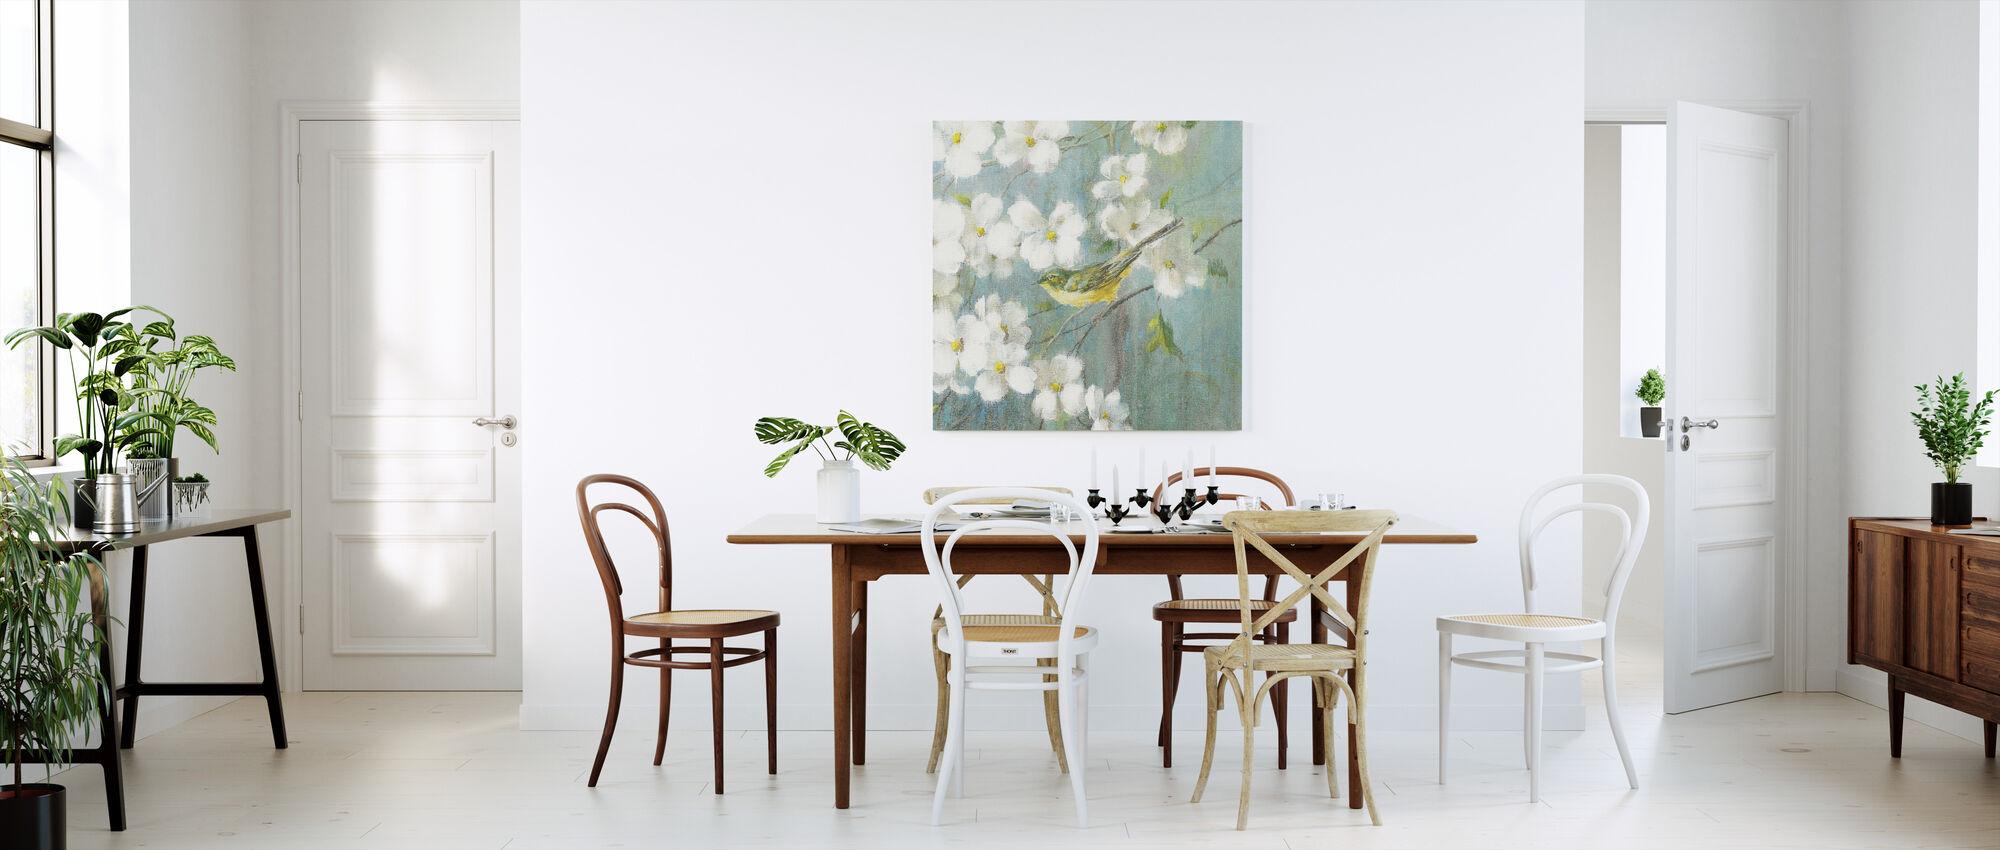 Spring Dream 4 - Canvas print - Kitchen